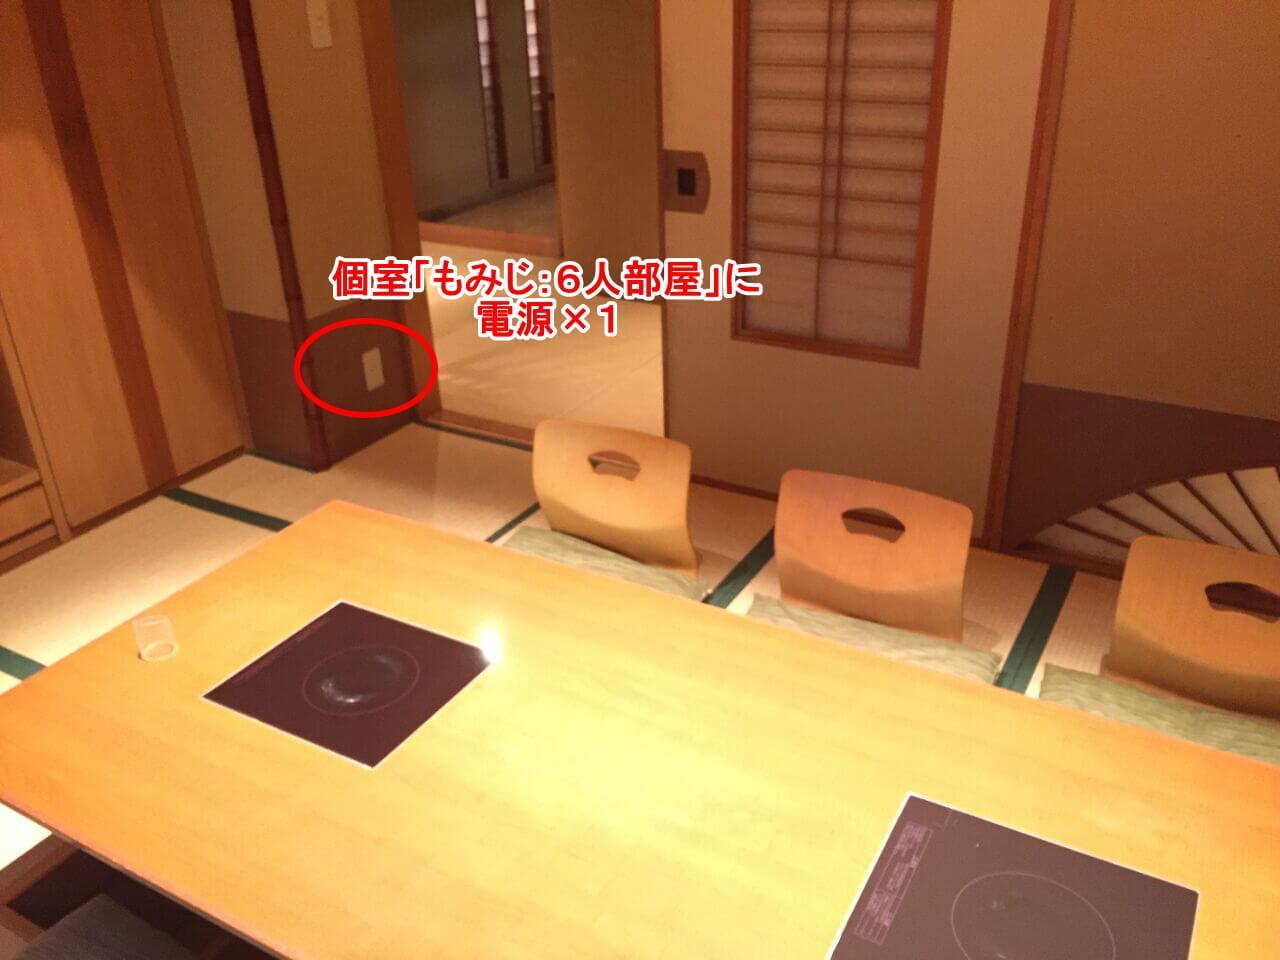 個室「もみじ:6人部屋」に電源×1